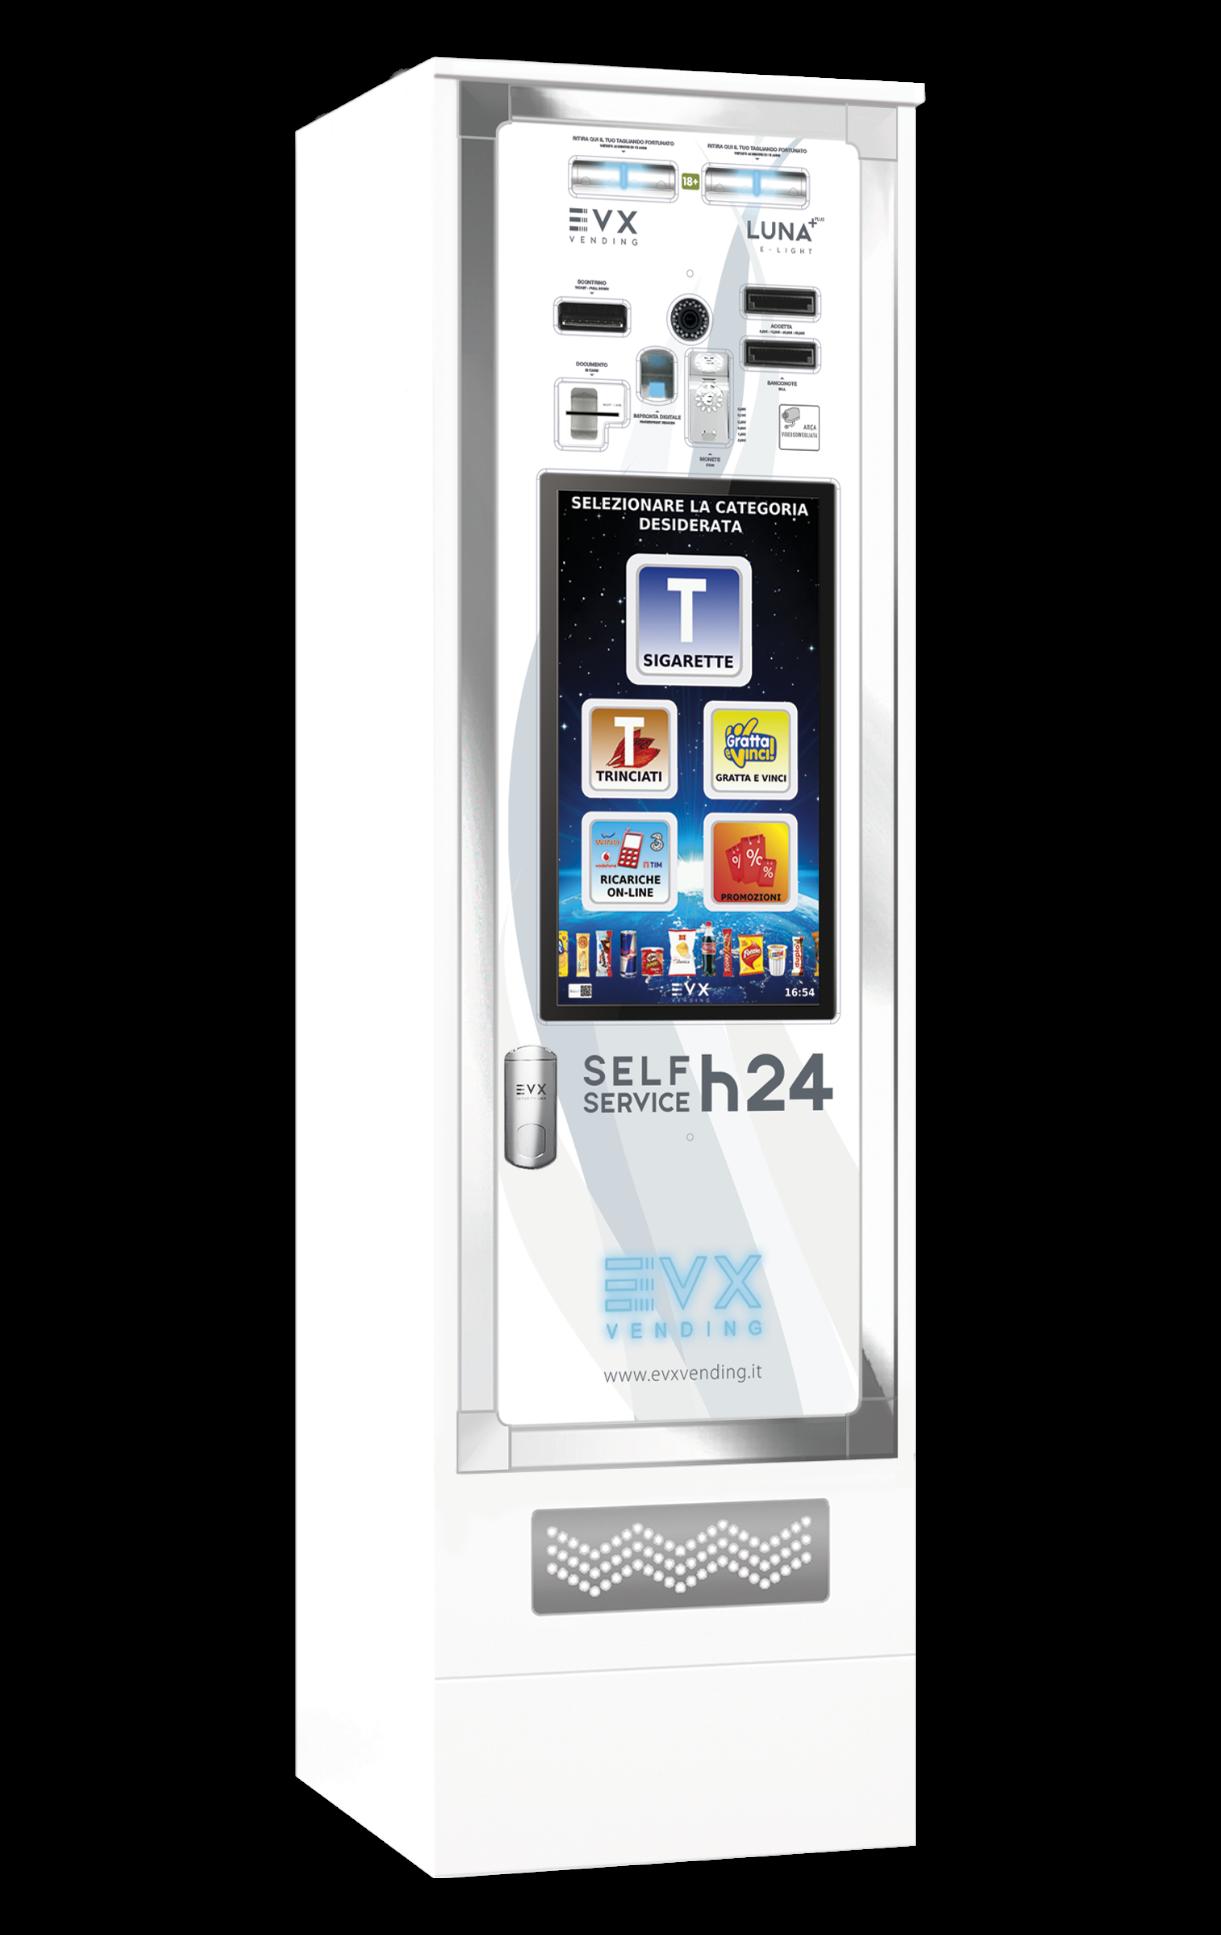 Luna +Plus EVX Distributore automatico di sigarette bianco